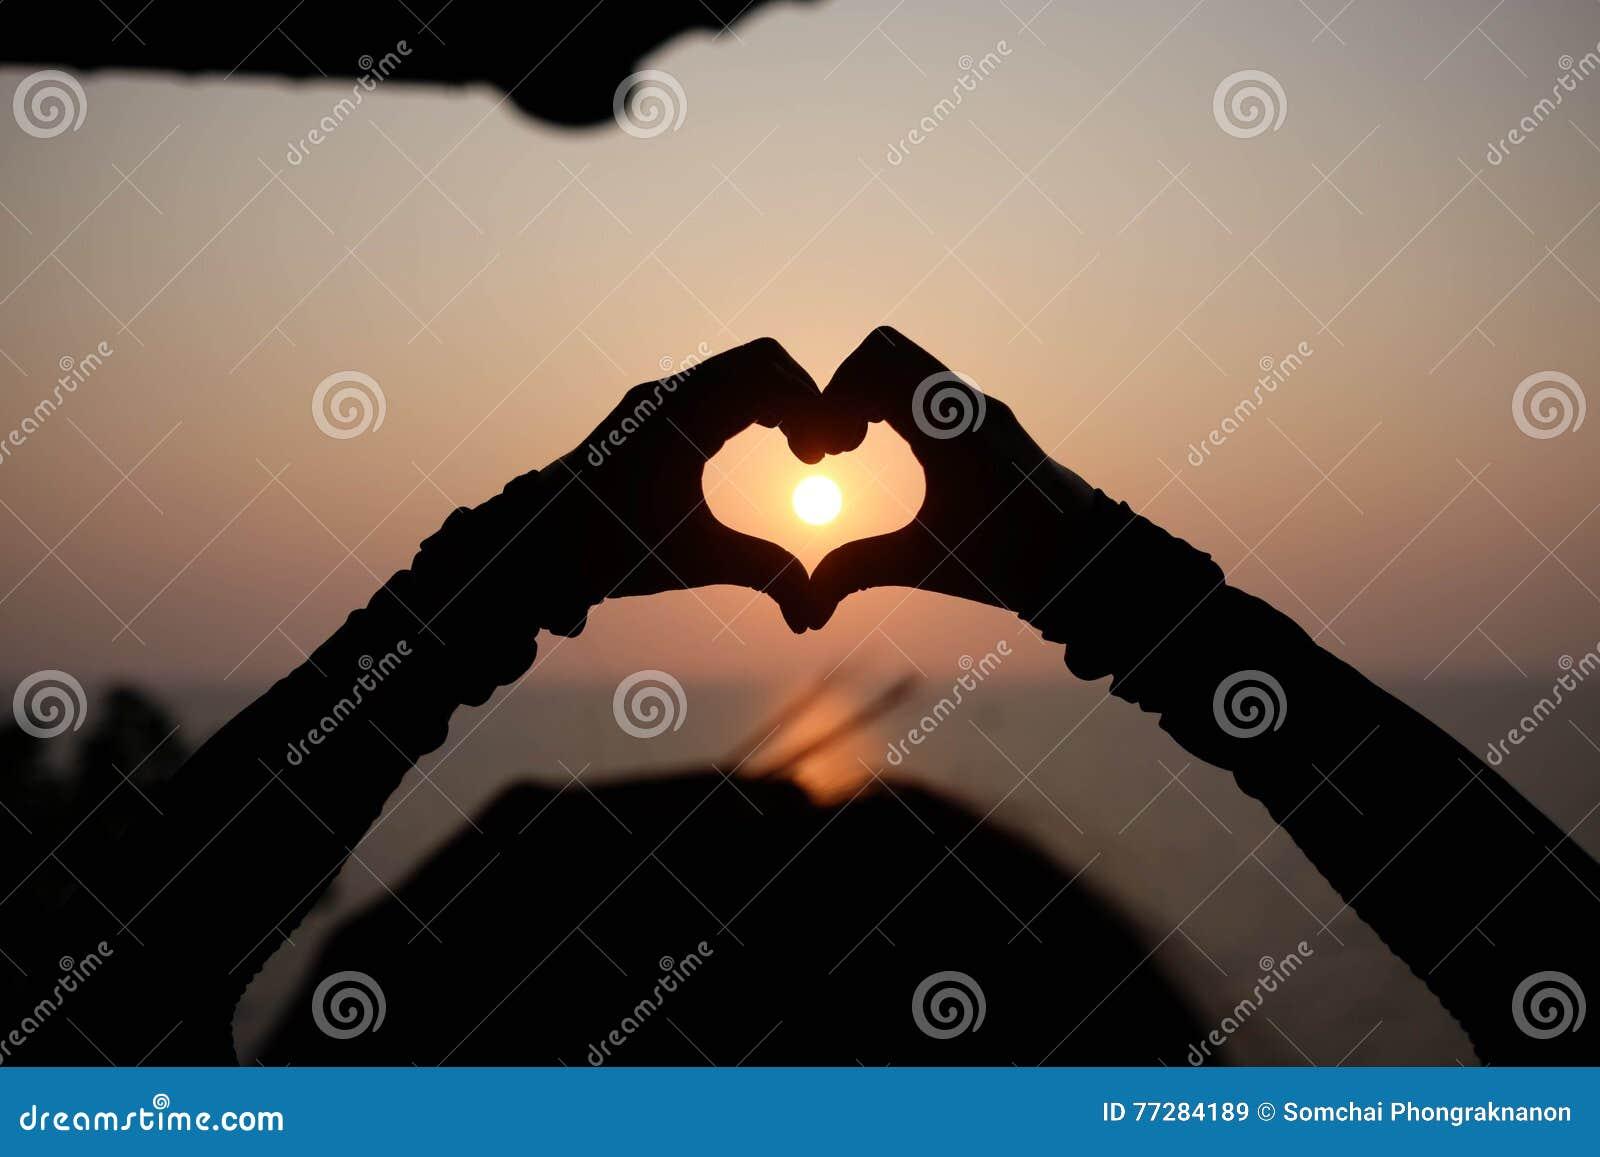 Wallpaper Heart Hand